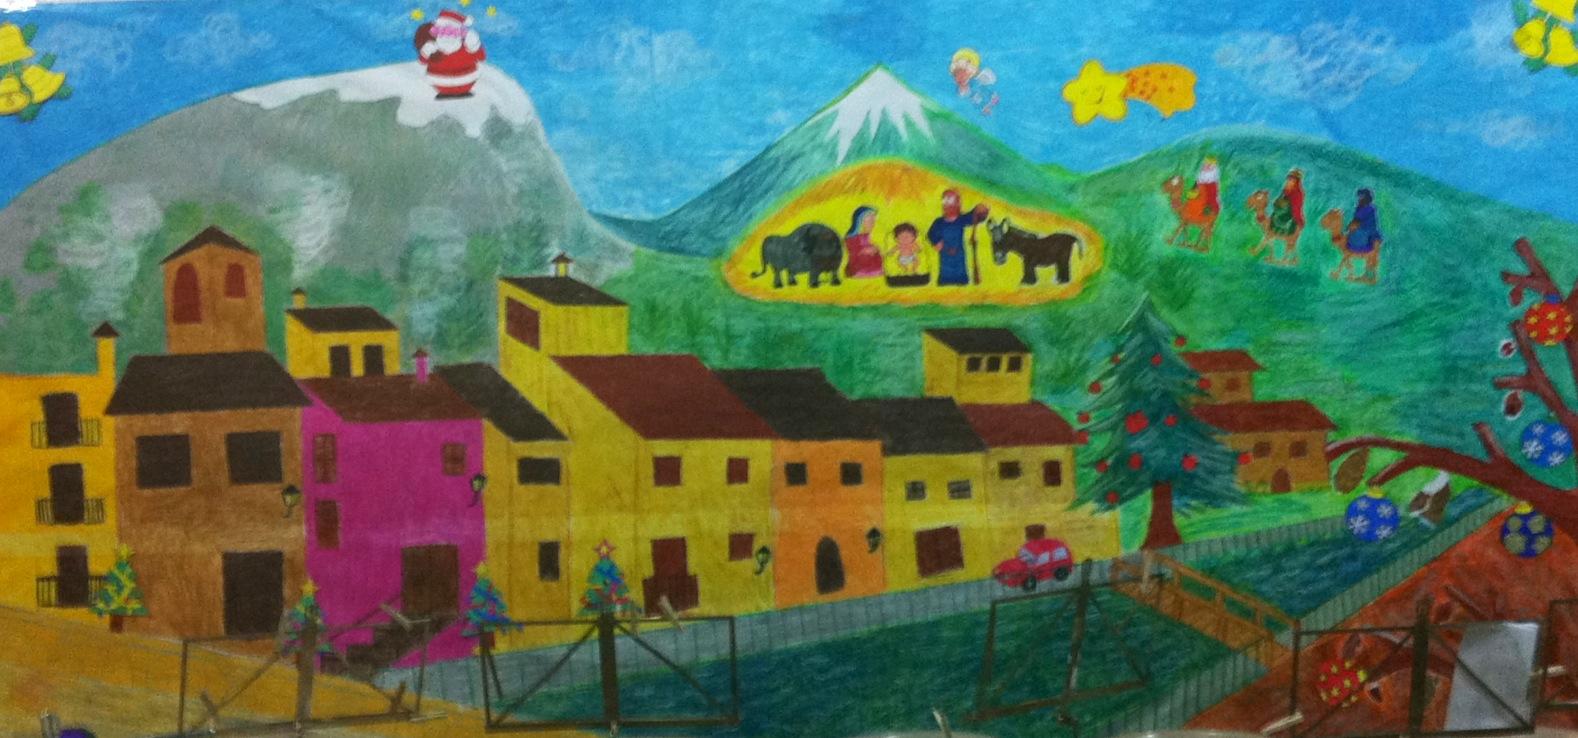 K nerpio mural navide o for Mural navideno